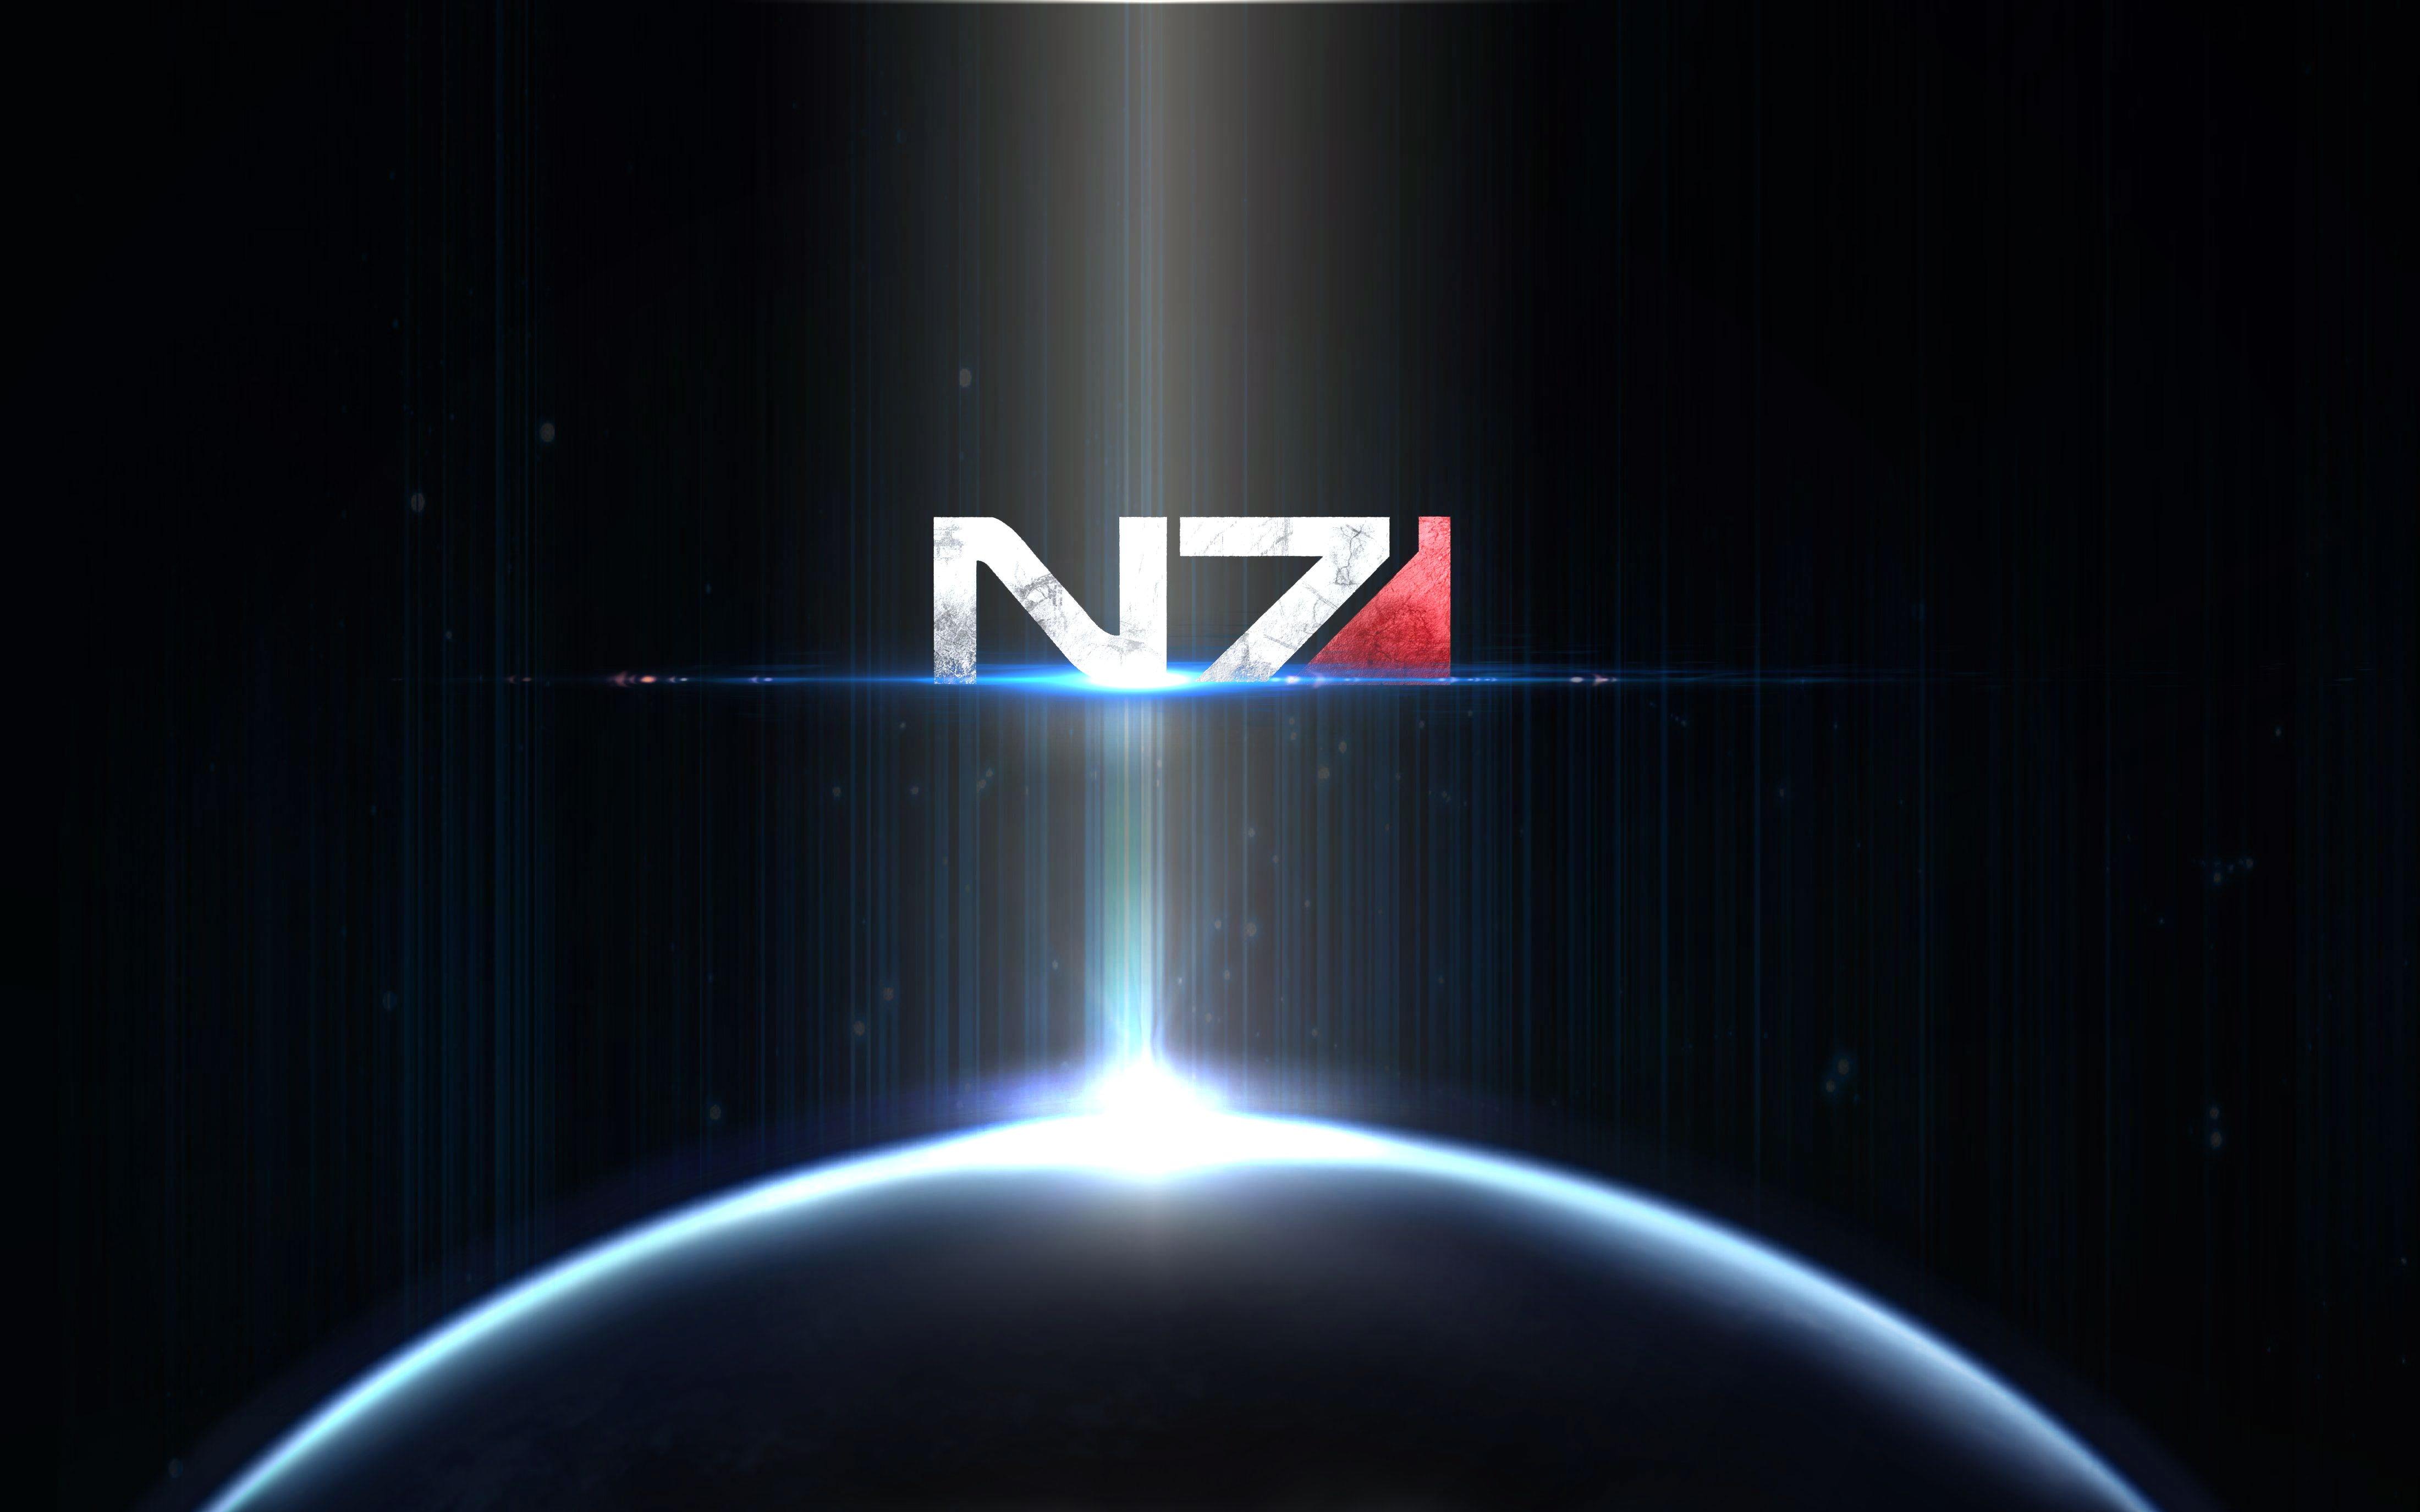 N7 Iphone Wallpaper Mass Effect N7 Sign Wallpaper 4k Ultra Hd Fond D 233 Cran And